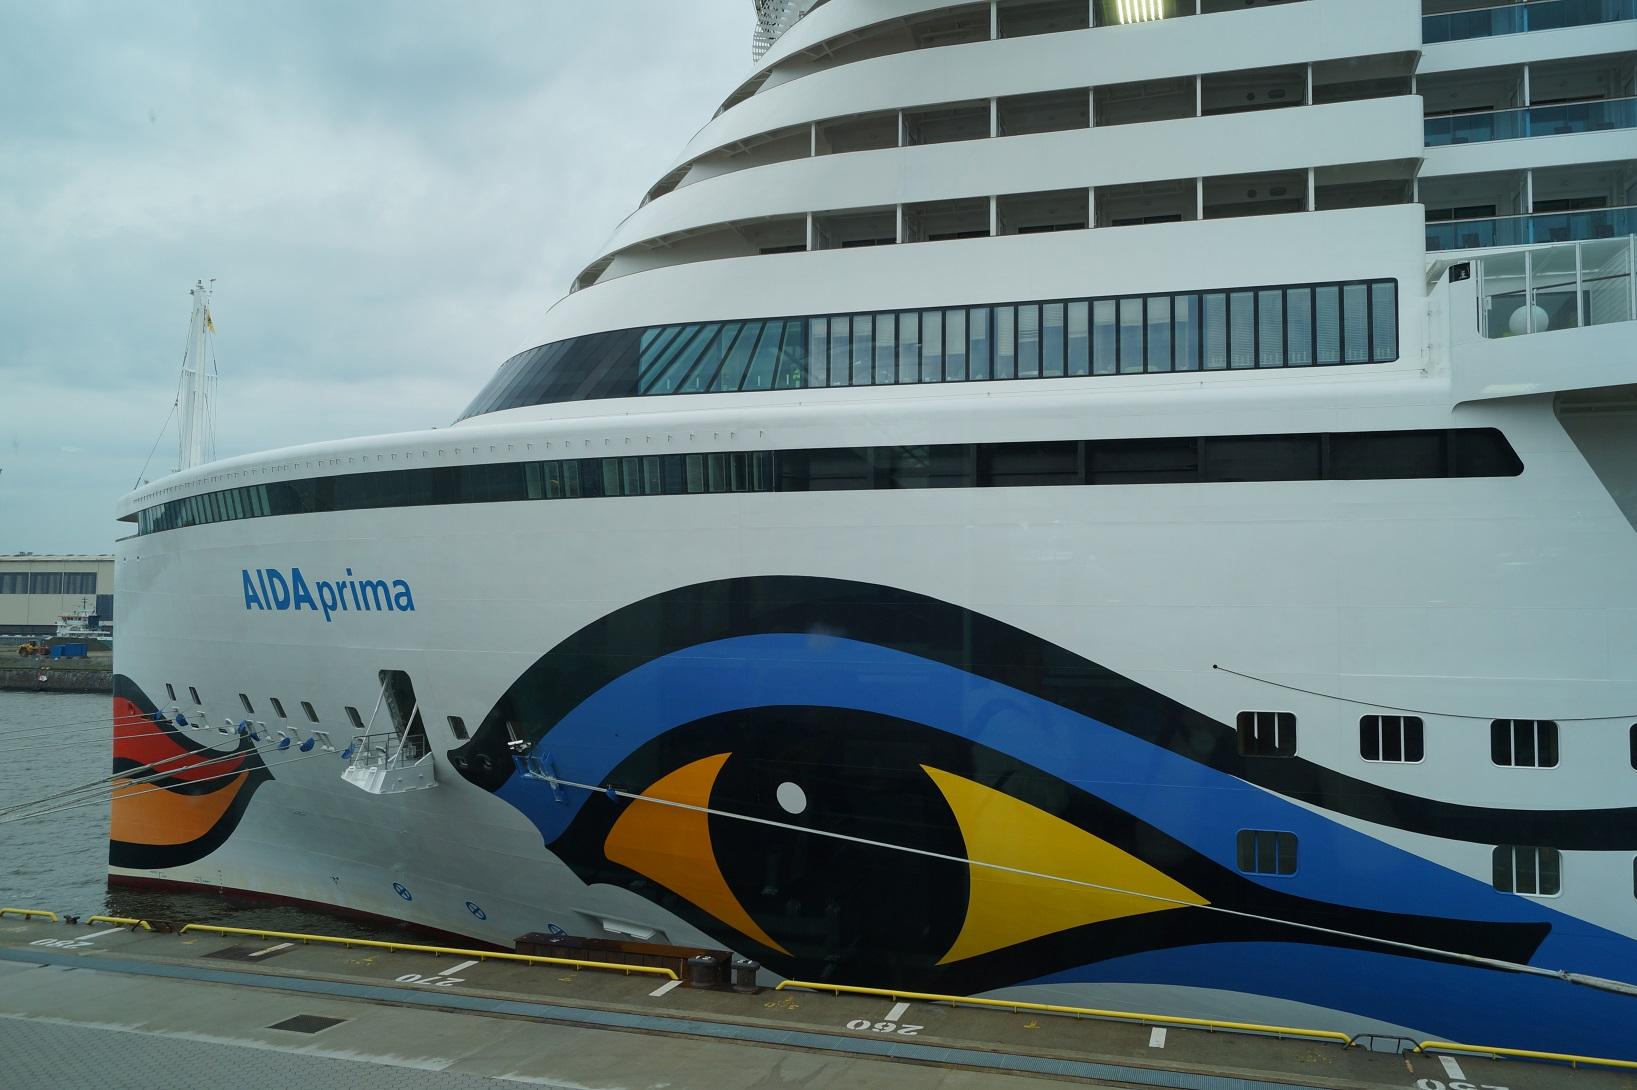 Die AIDA prima hat im Vergleich zu den Vorgängerschiffen ein Facelift am Bug und war unser Zuhause während der Metropolen Tour ab Hamburg